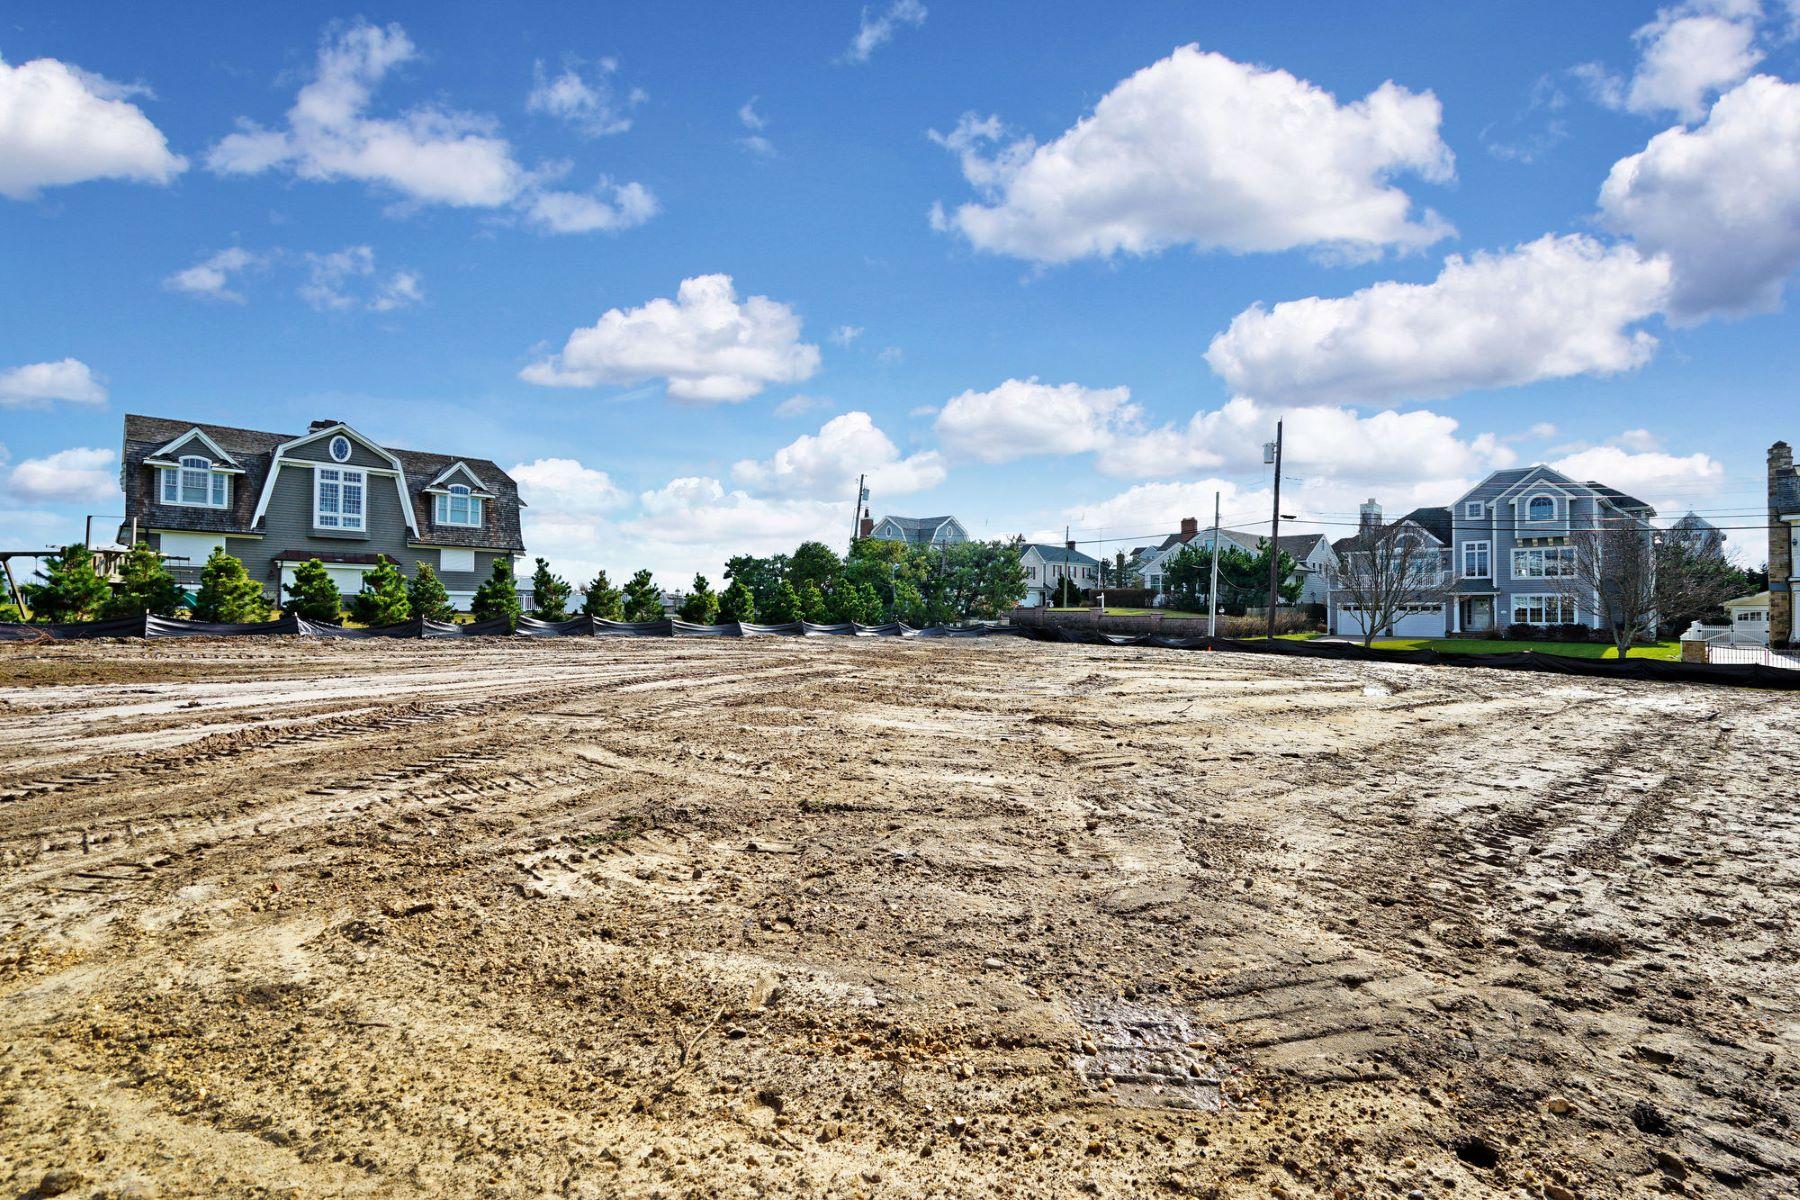 Земля для того Продажа на New Construction Opportunity 3 Seaside Place, Sea Girt, Нью-Джерси 08750 Соединенные Штаты